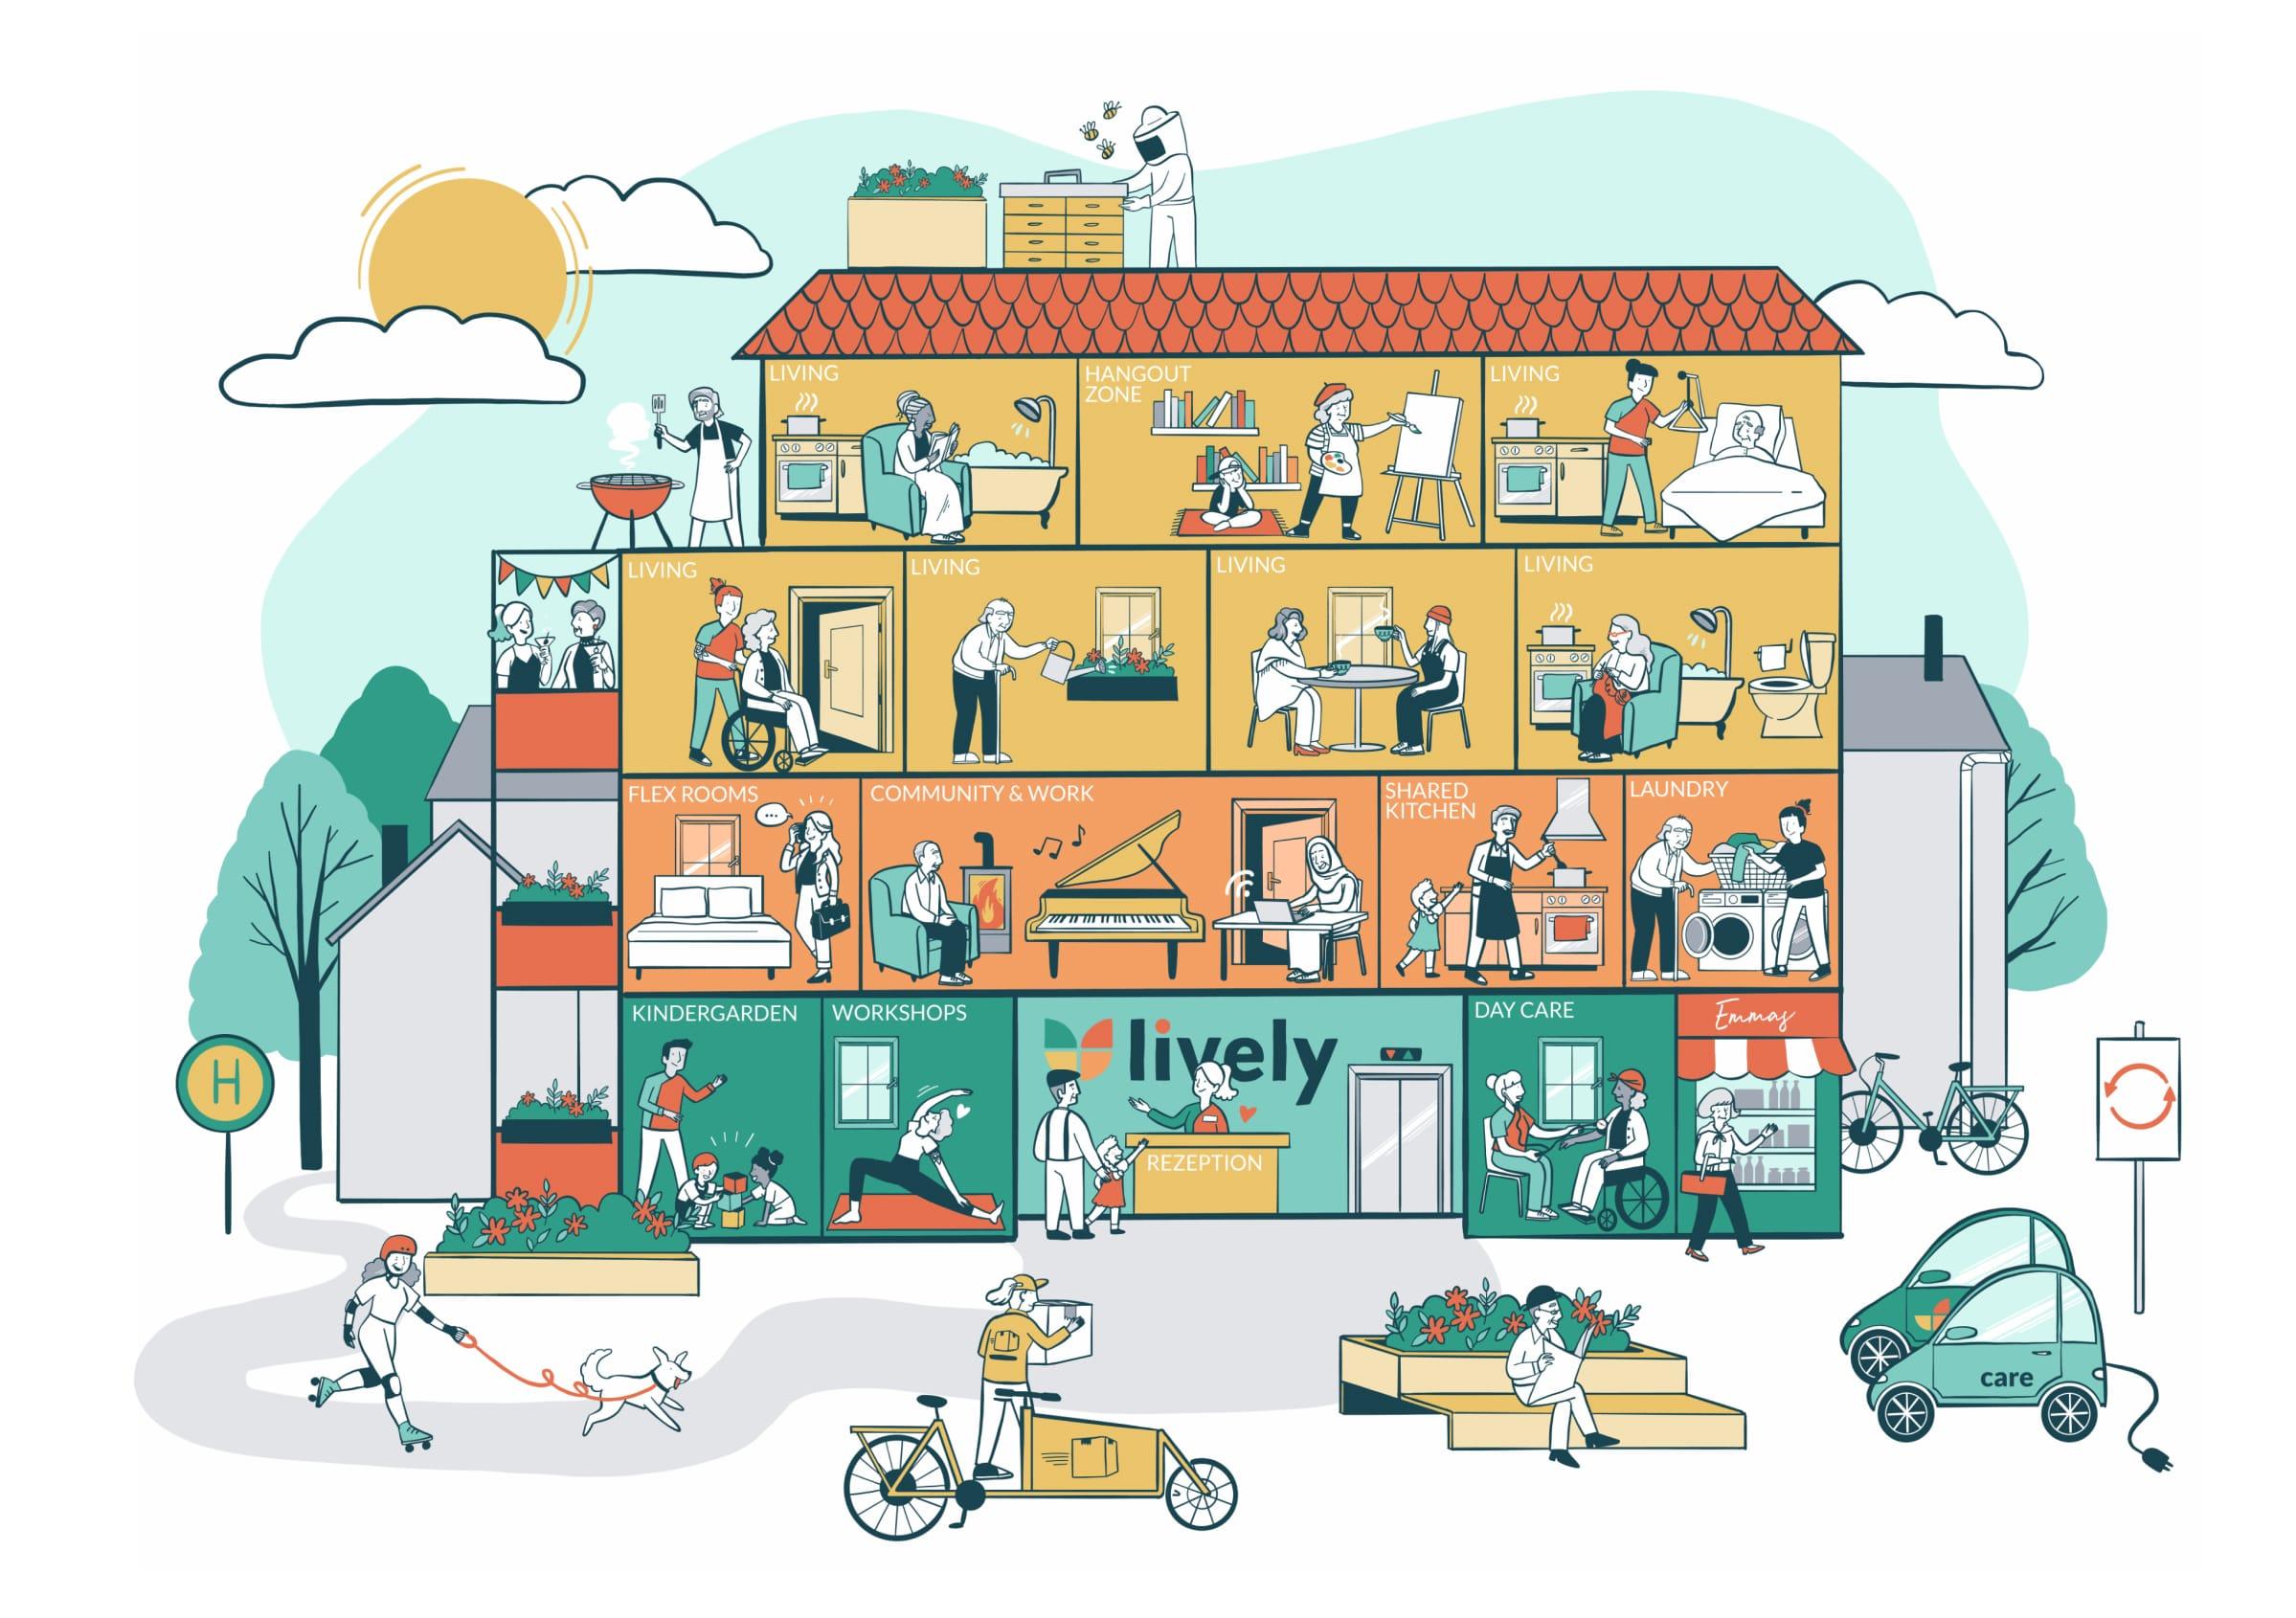 Wohnen im Alter: Das innovative Konzept von lively